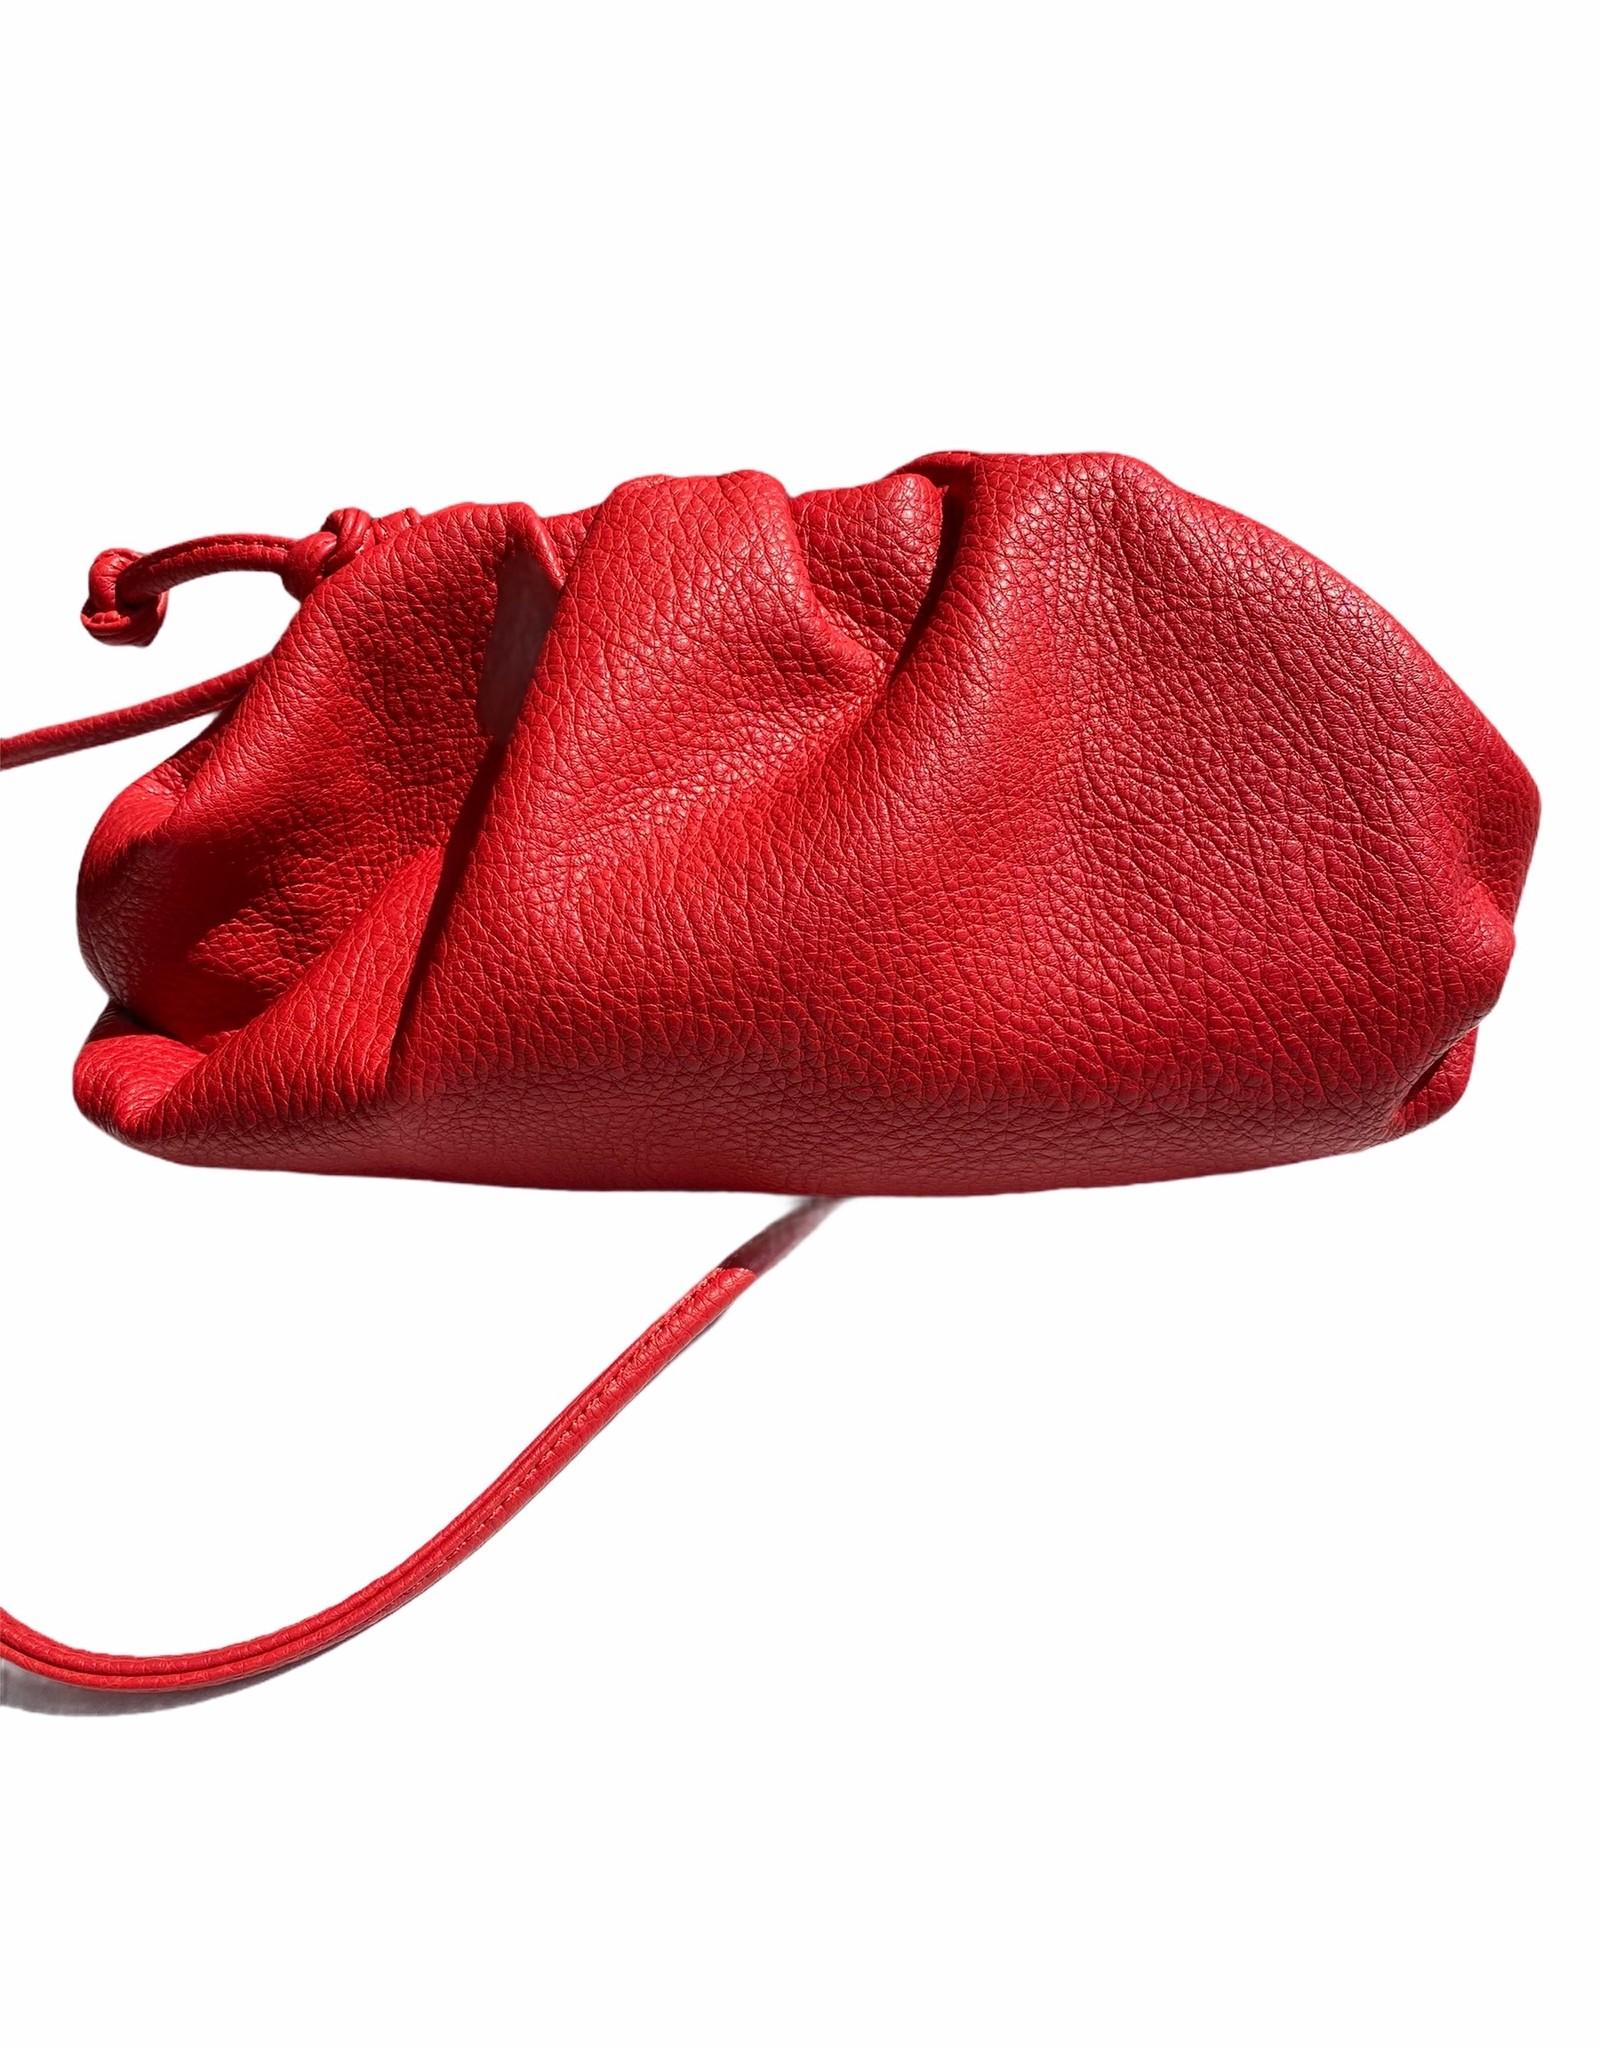 Cloudbag with shoulderbelt